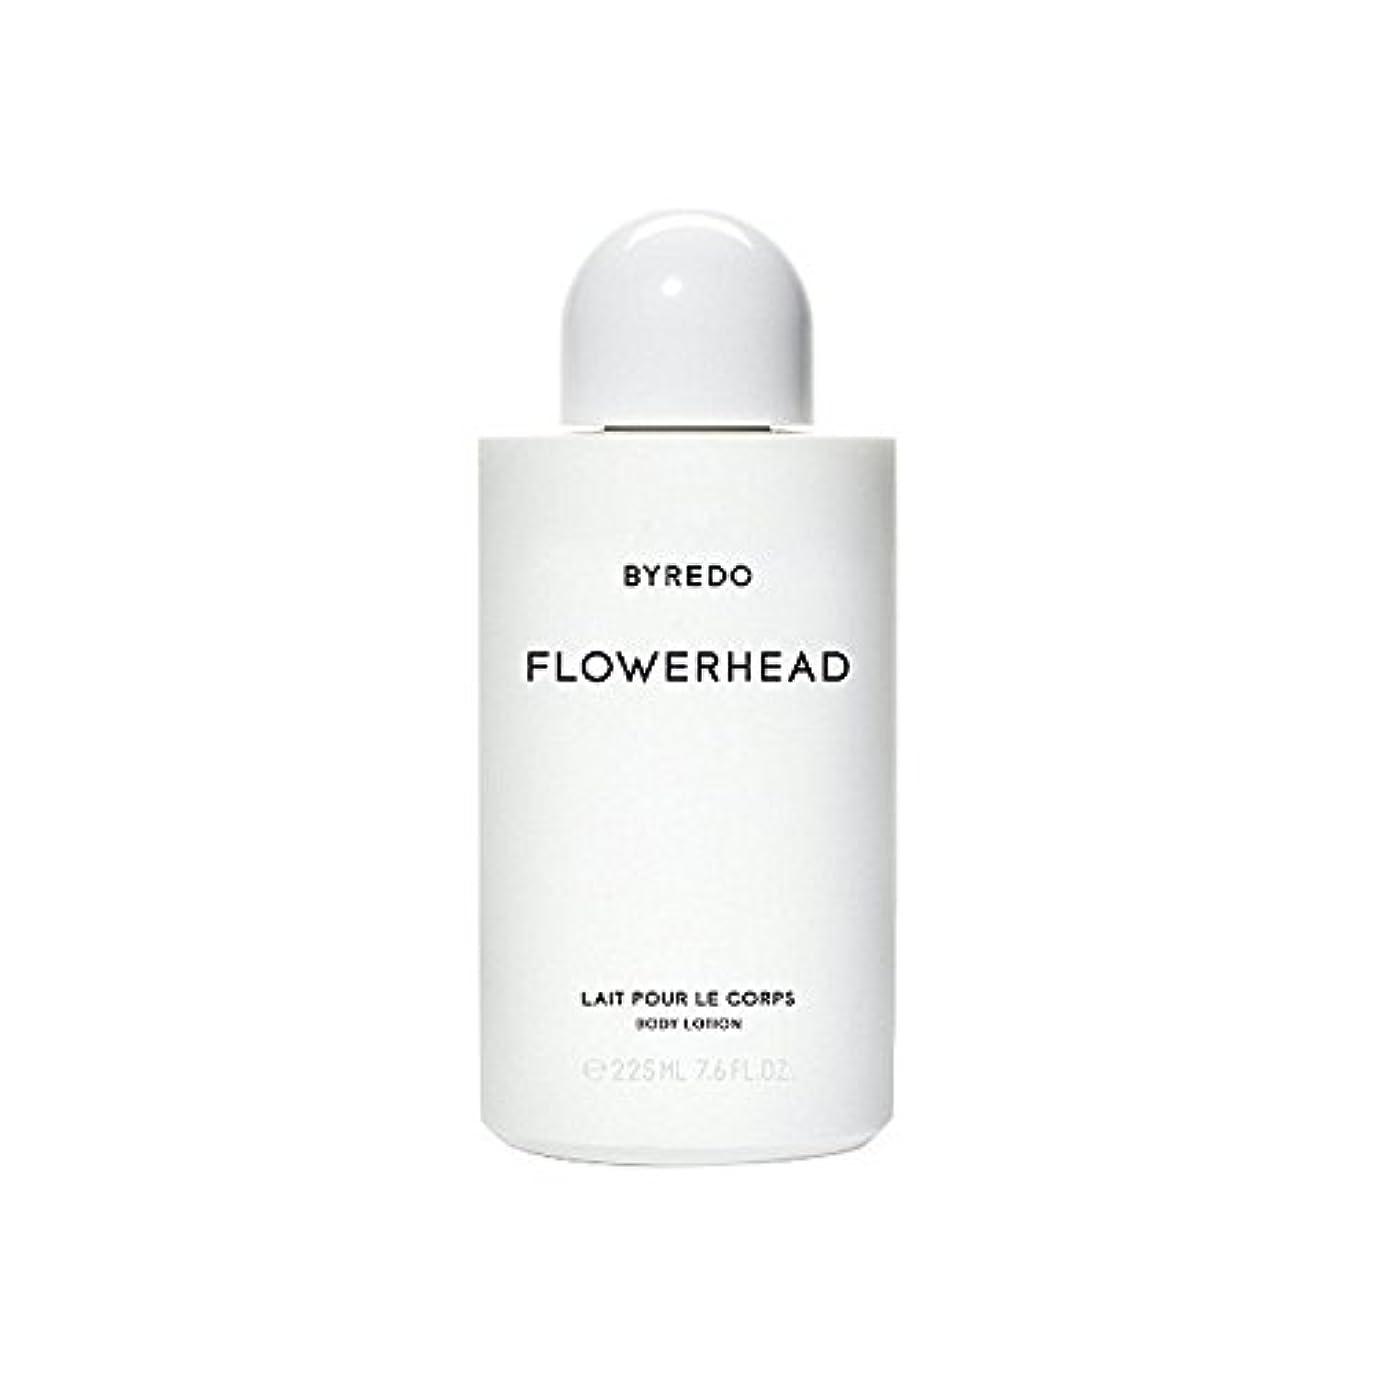 カヌー注入名目上のボディローション225ミリリットル x4 - Byredo Flowerhead Body Lotion 225ml (Pack of 4) [並行輸入品]